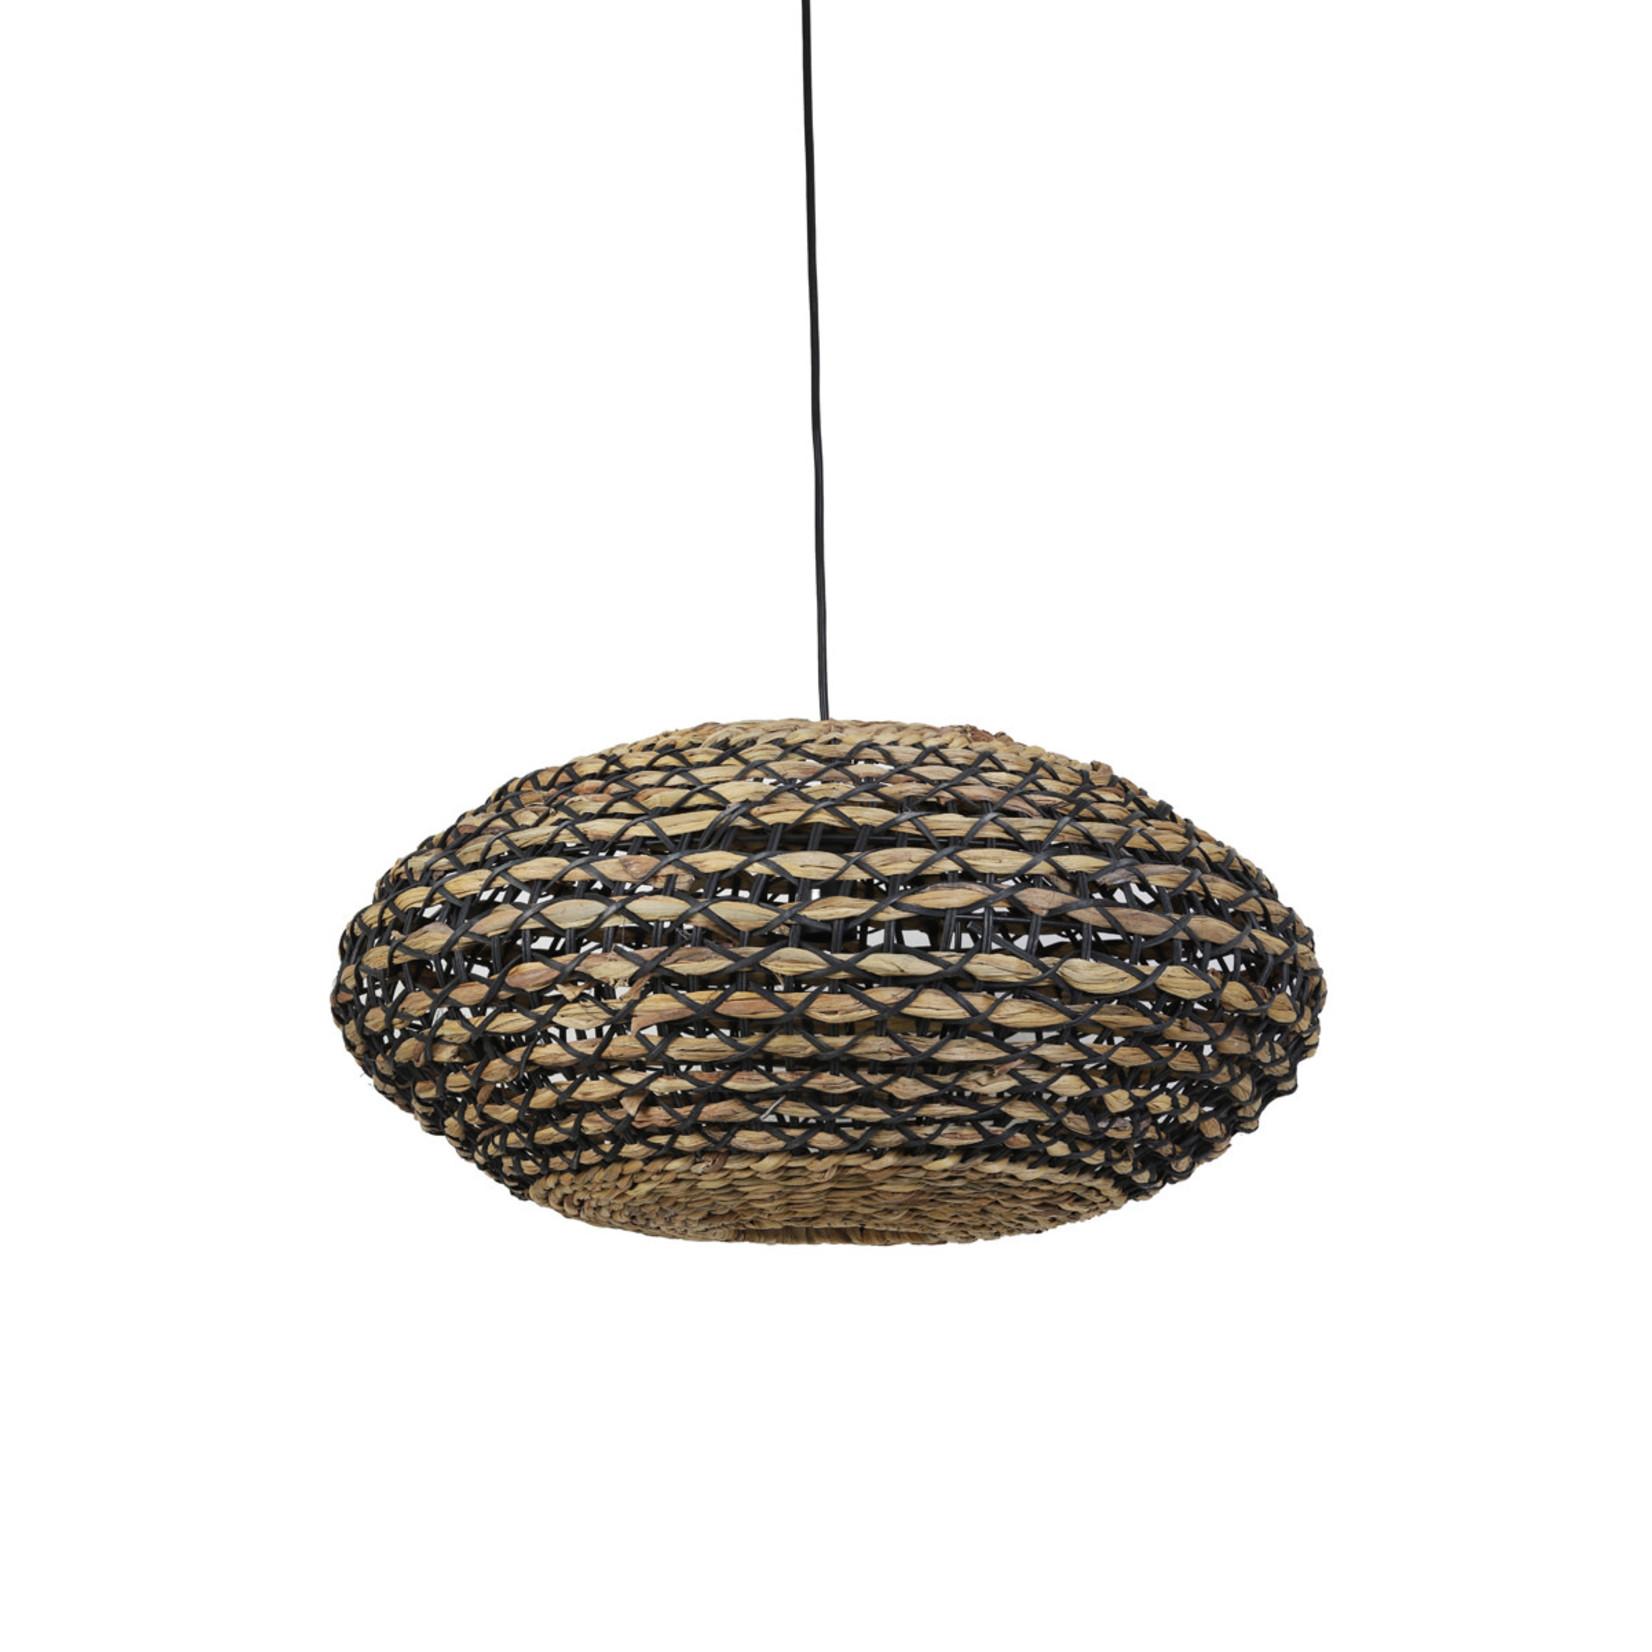 Light & Living Hanglamp Tripoli 60x29.5 cm naturel zwart